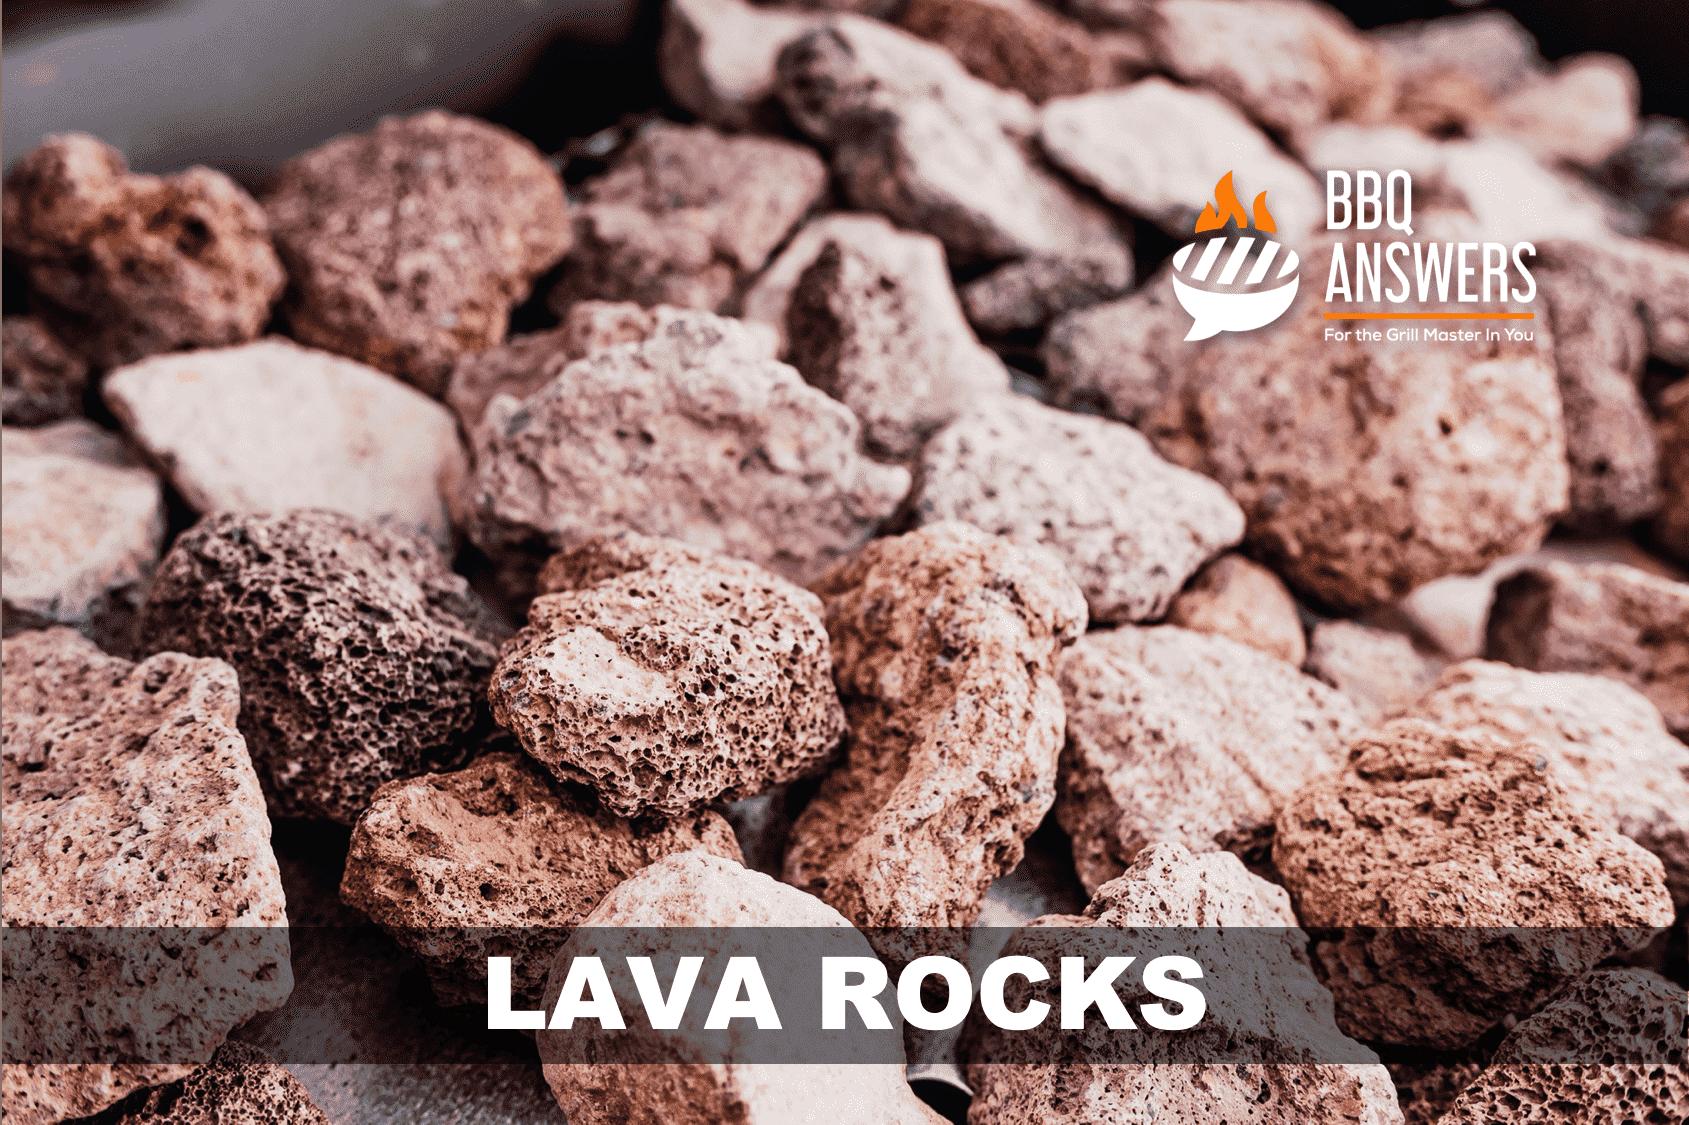 Lava Rocks for BBQ | BBQanswers